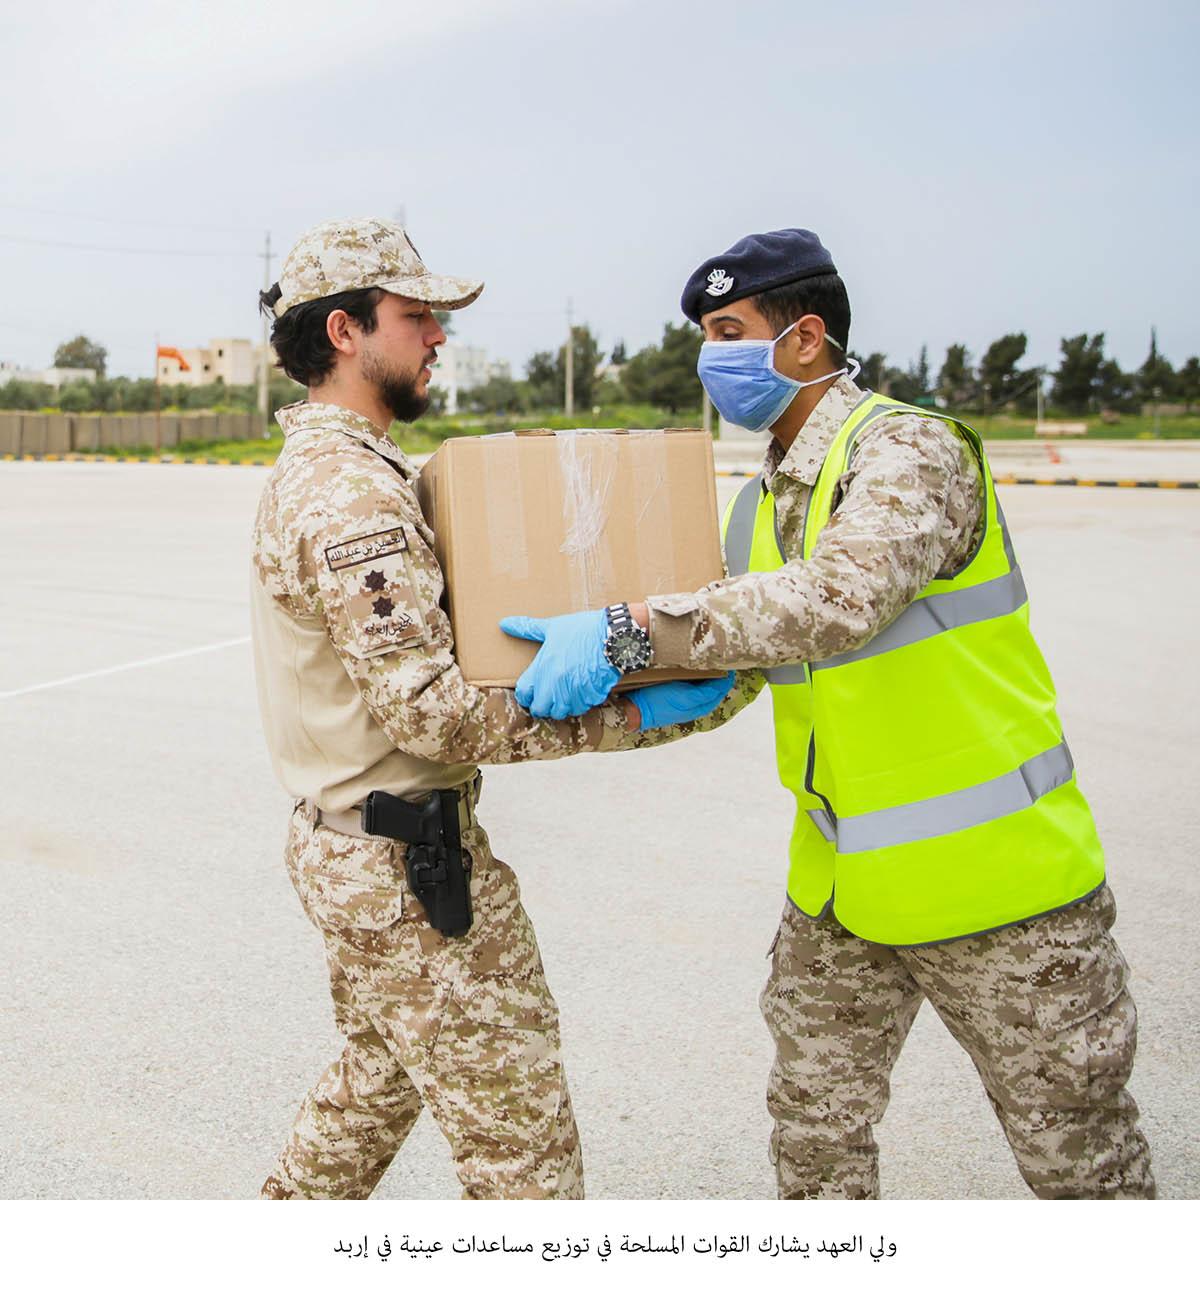 ولي العهد الأردني يشارك القوات المسلحة في توزيع المساعدات